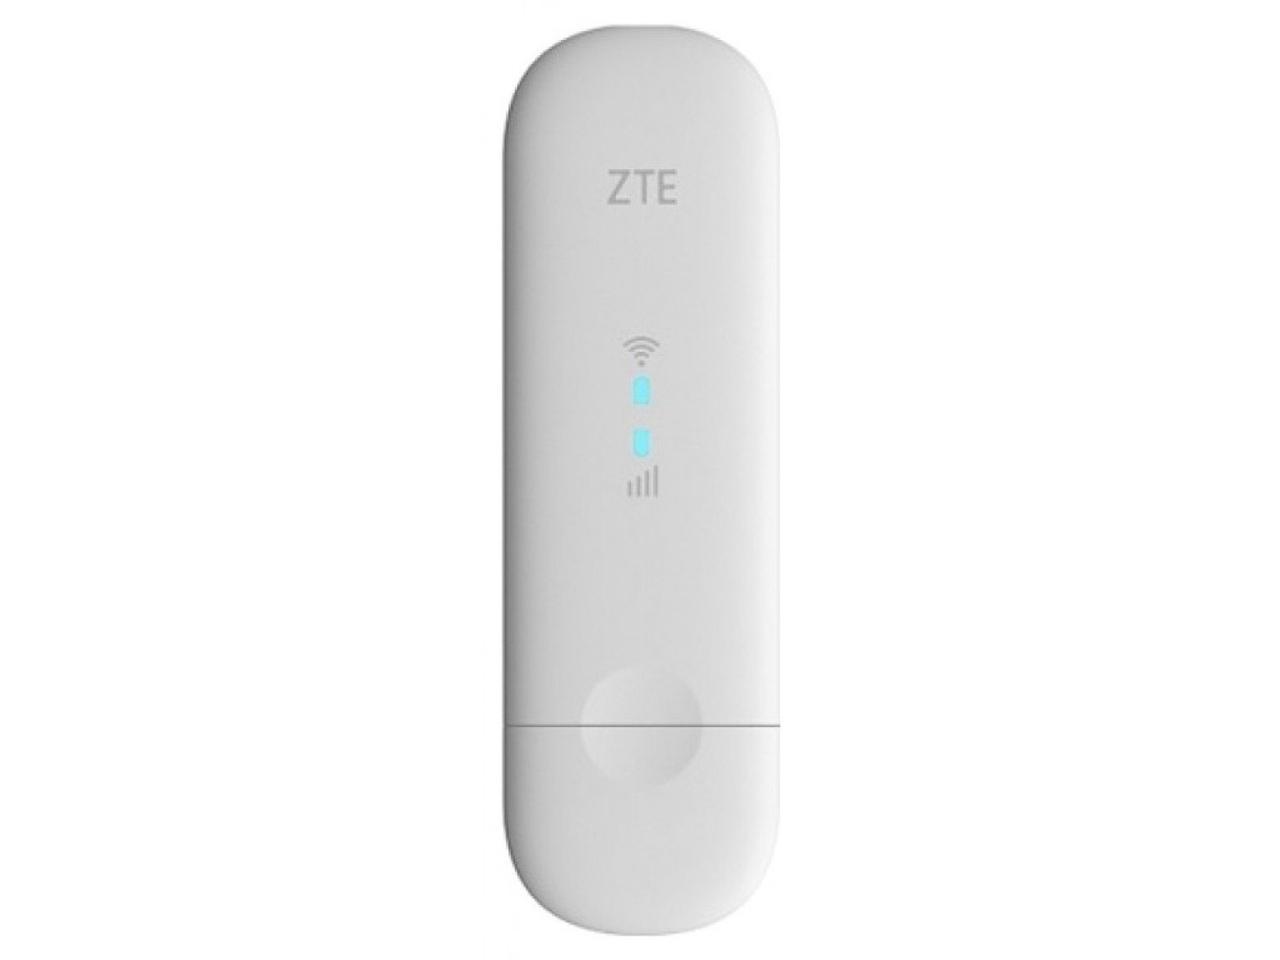 4G Wi-Fi модем ZTE MF79U